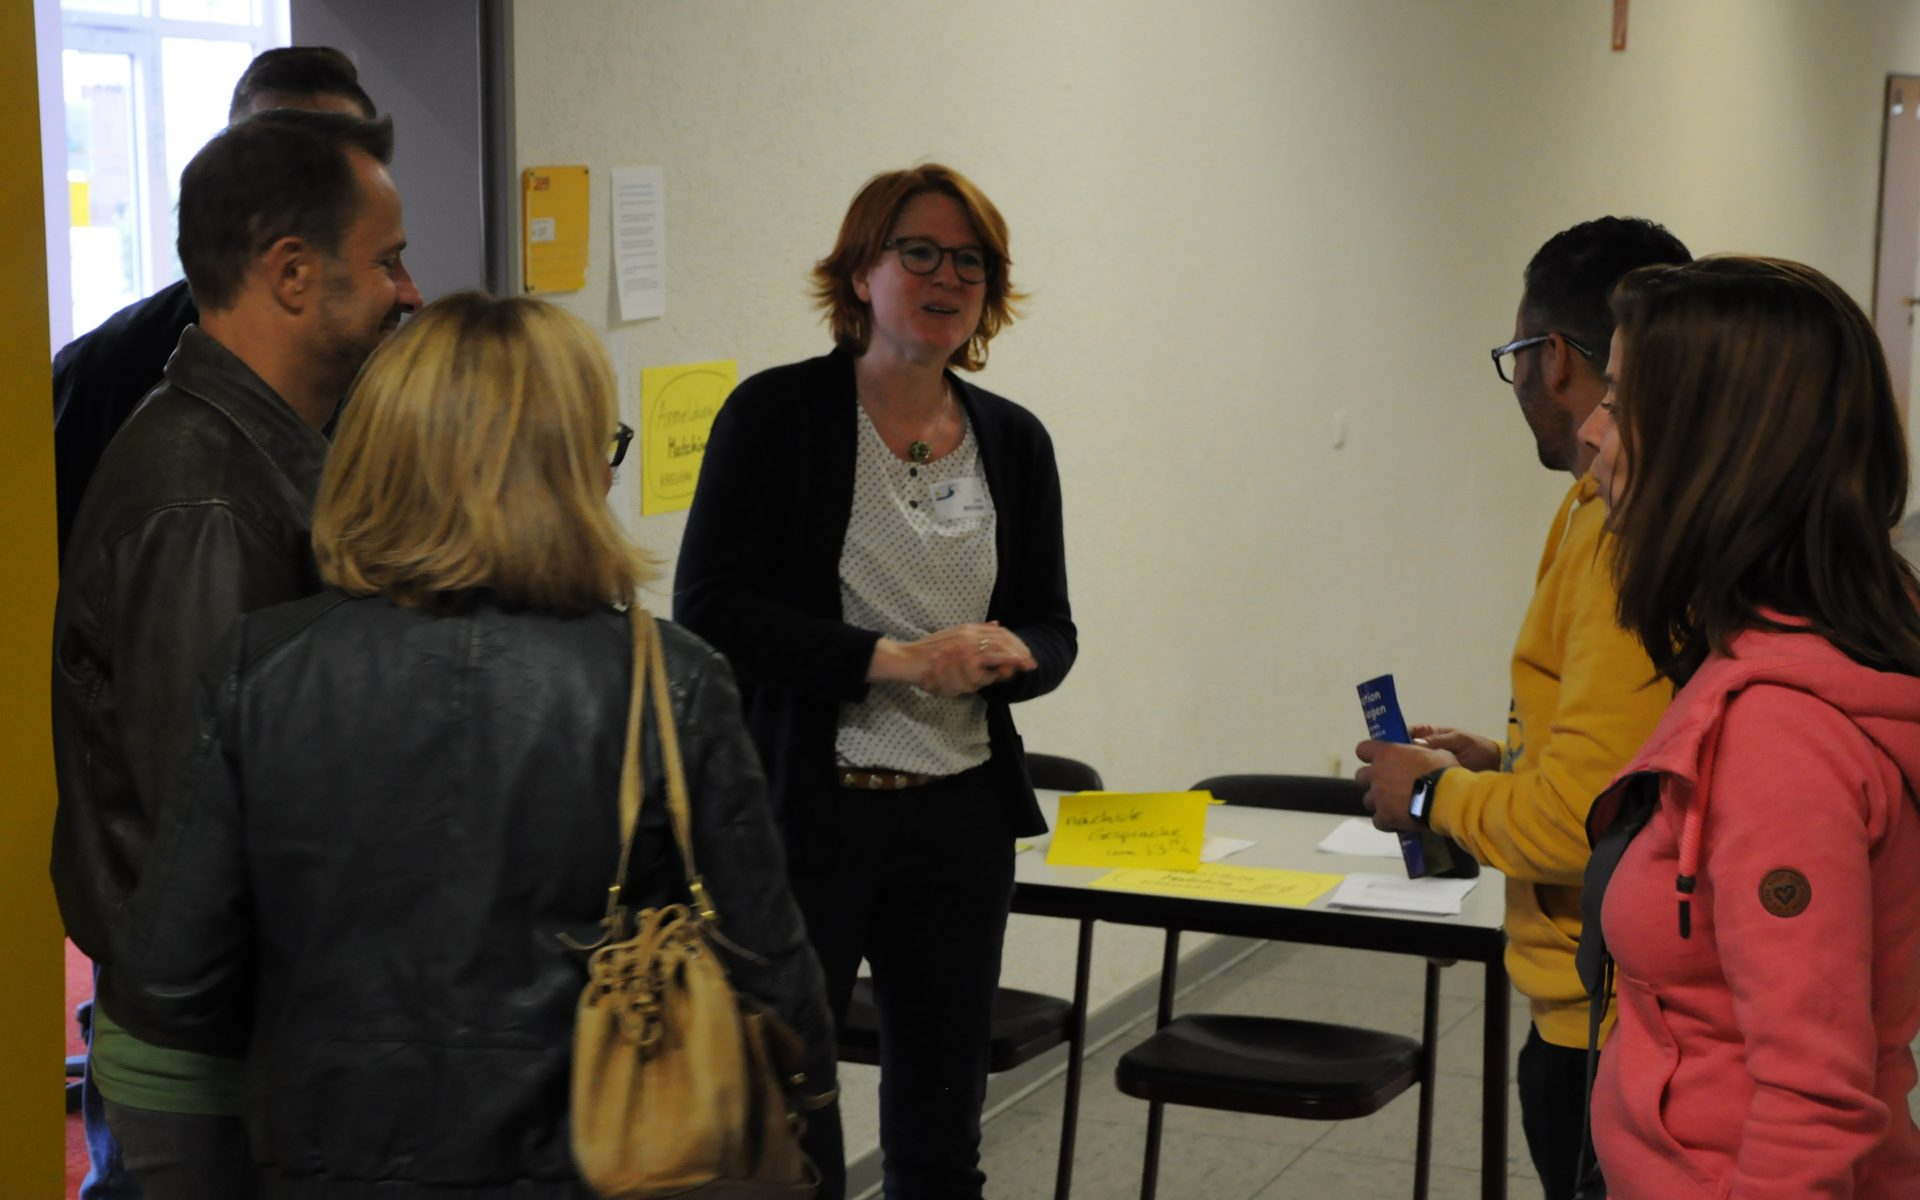 """Bei der Mitmach-Aktion """"Kreuzau spricht"""" führte Lehrerin Julia Mertens Gesprächspartner zusammen, die zu einer Entscheidungsfrage unterschiedliche Standpunkte vertraten."""